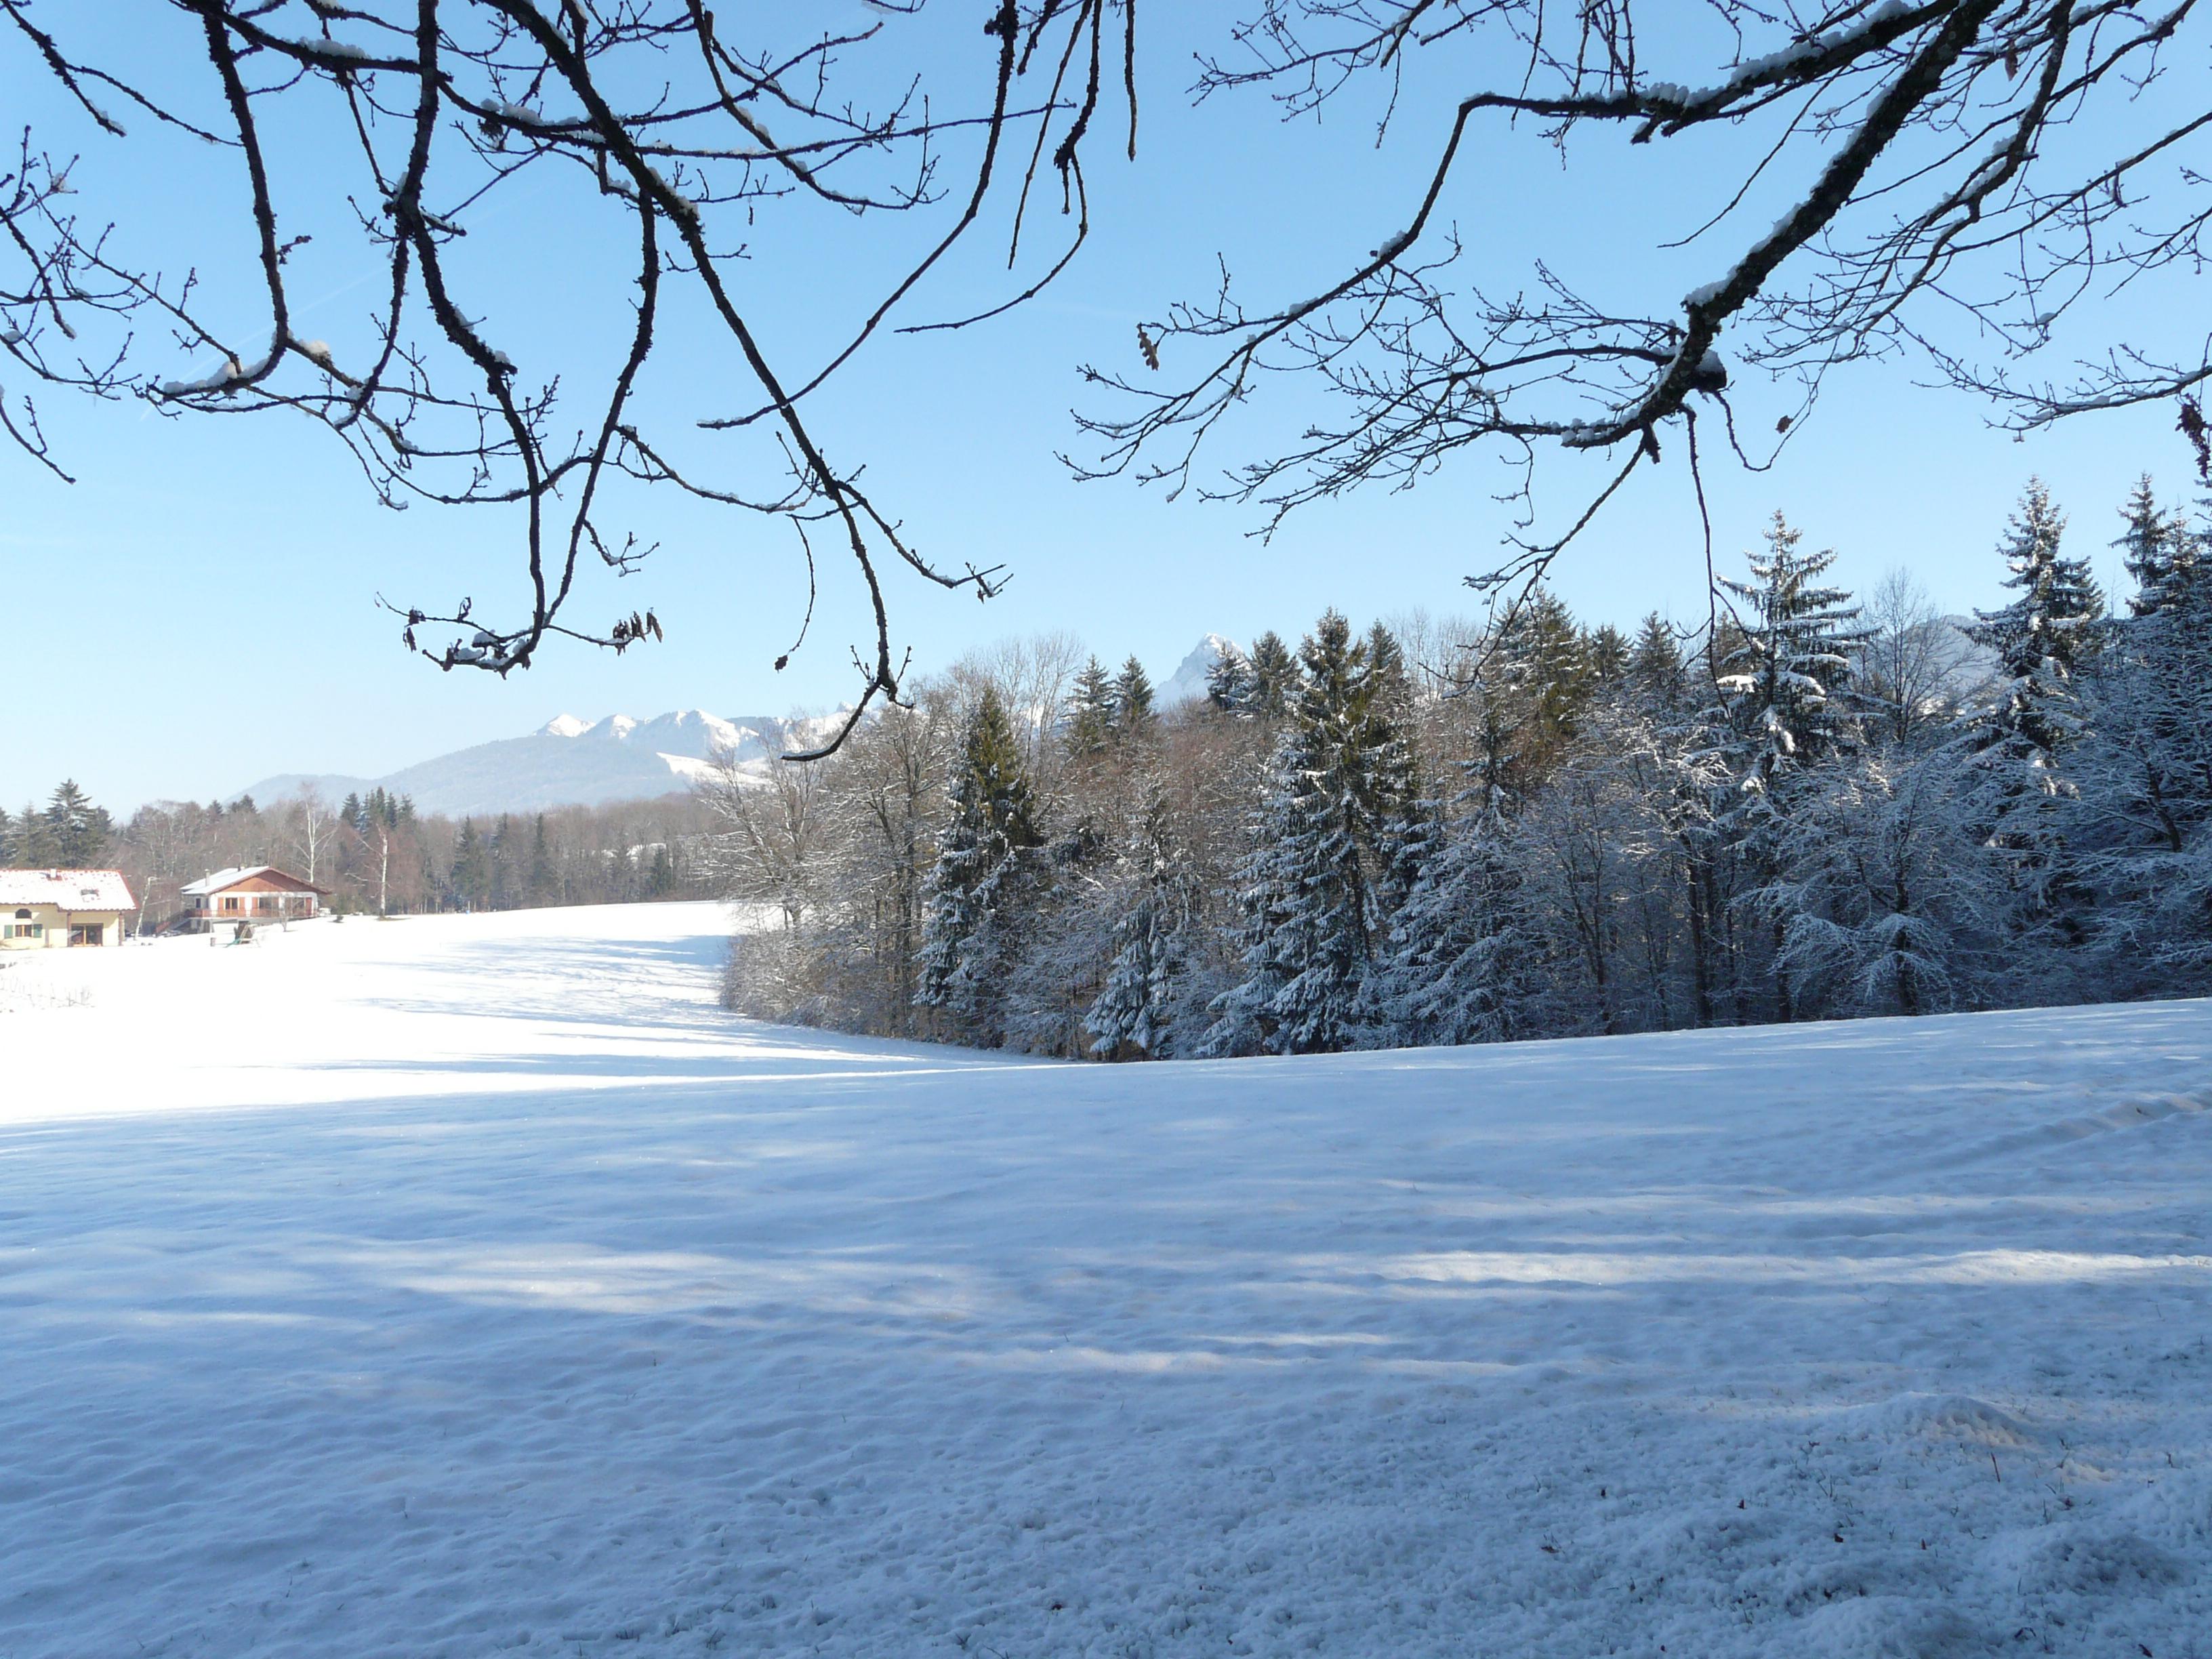 scenery spring pictures paysages d 39 hiver en images. Black Bedroom Furniture Sets. Home Design Ideas